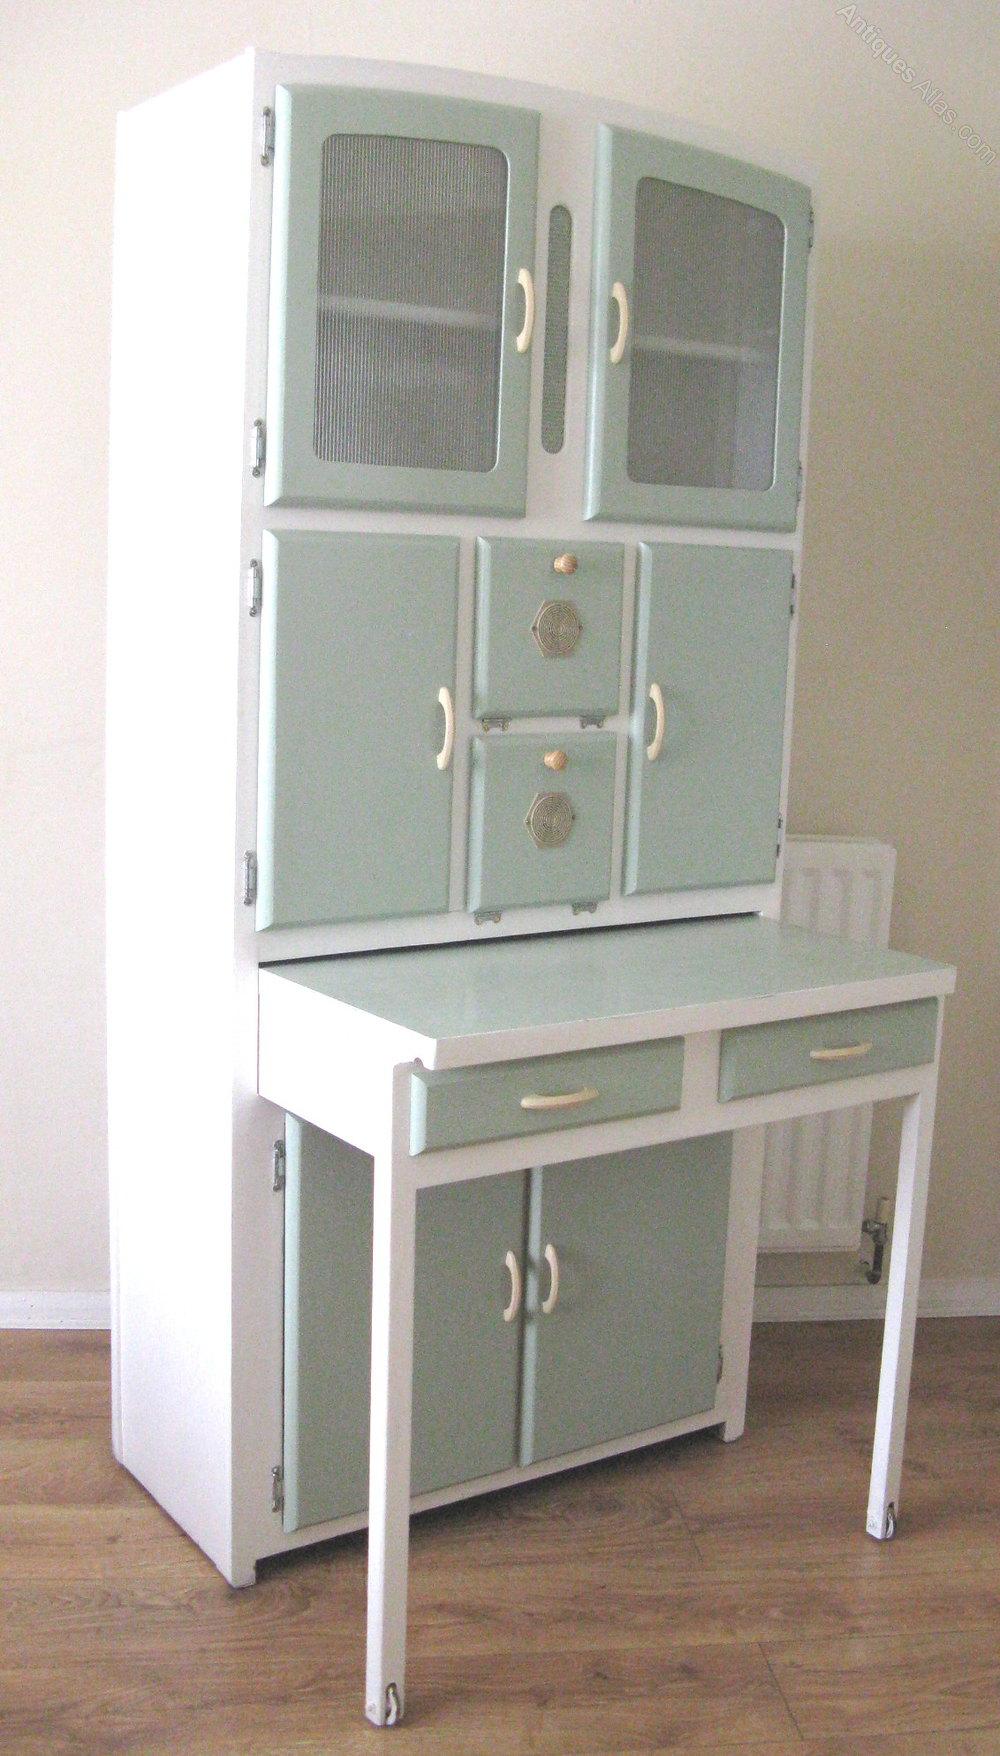 formica kitchen cabinets mechanical timer antiques atlas - larder cabinet